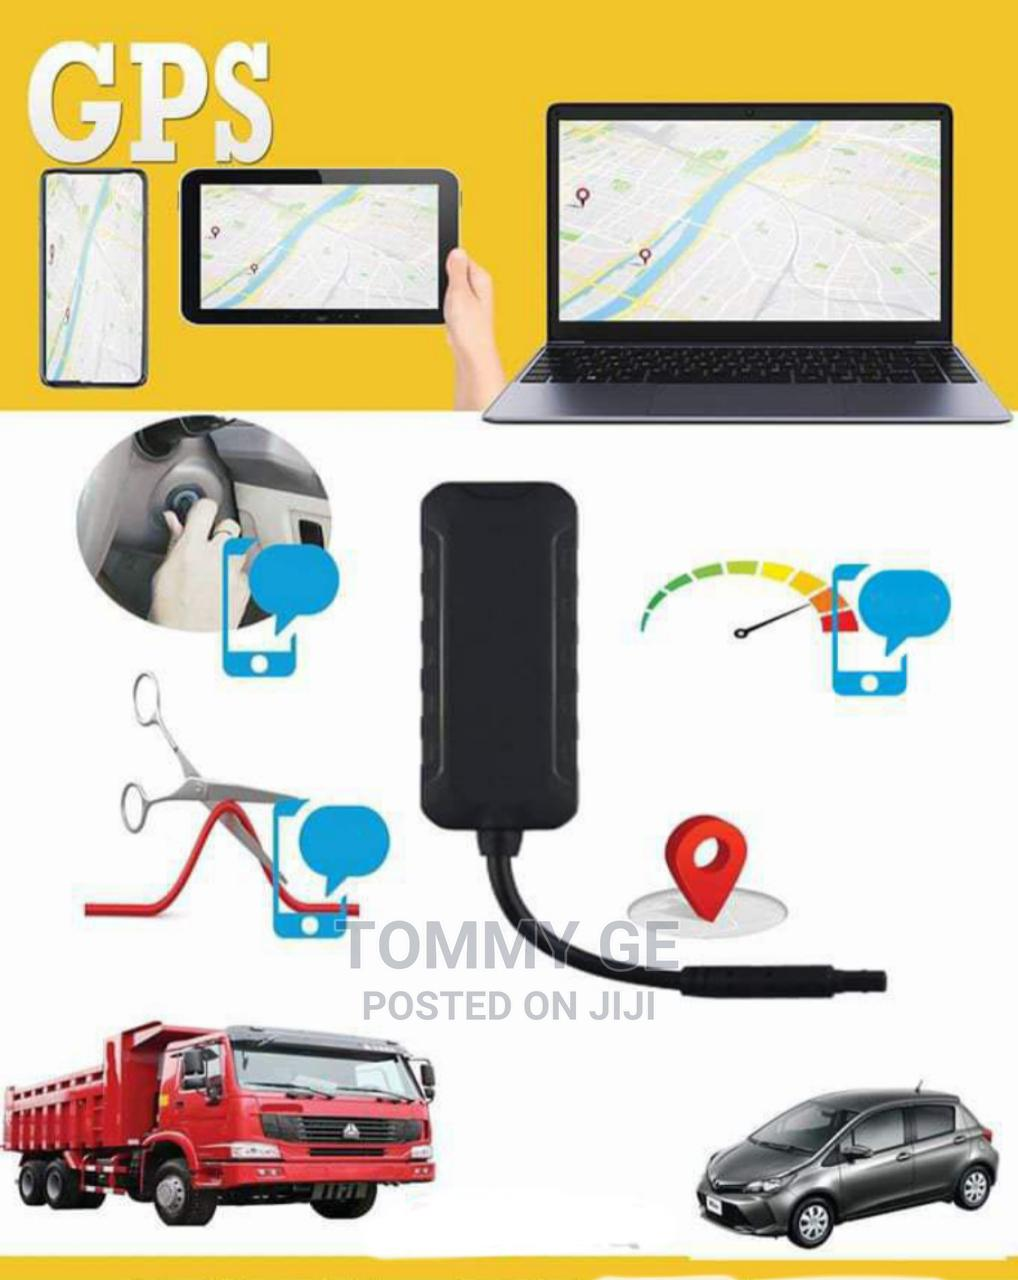 መኪና መቆጣጠርያ GPS ለመኪና ወይም ለሞተር መቆጣጠርያ በስልኮ ከየትም ቦታ   Vehicle Parts & Accessories for sale in Arada, Addis Ababa, Ethiopia